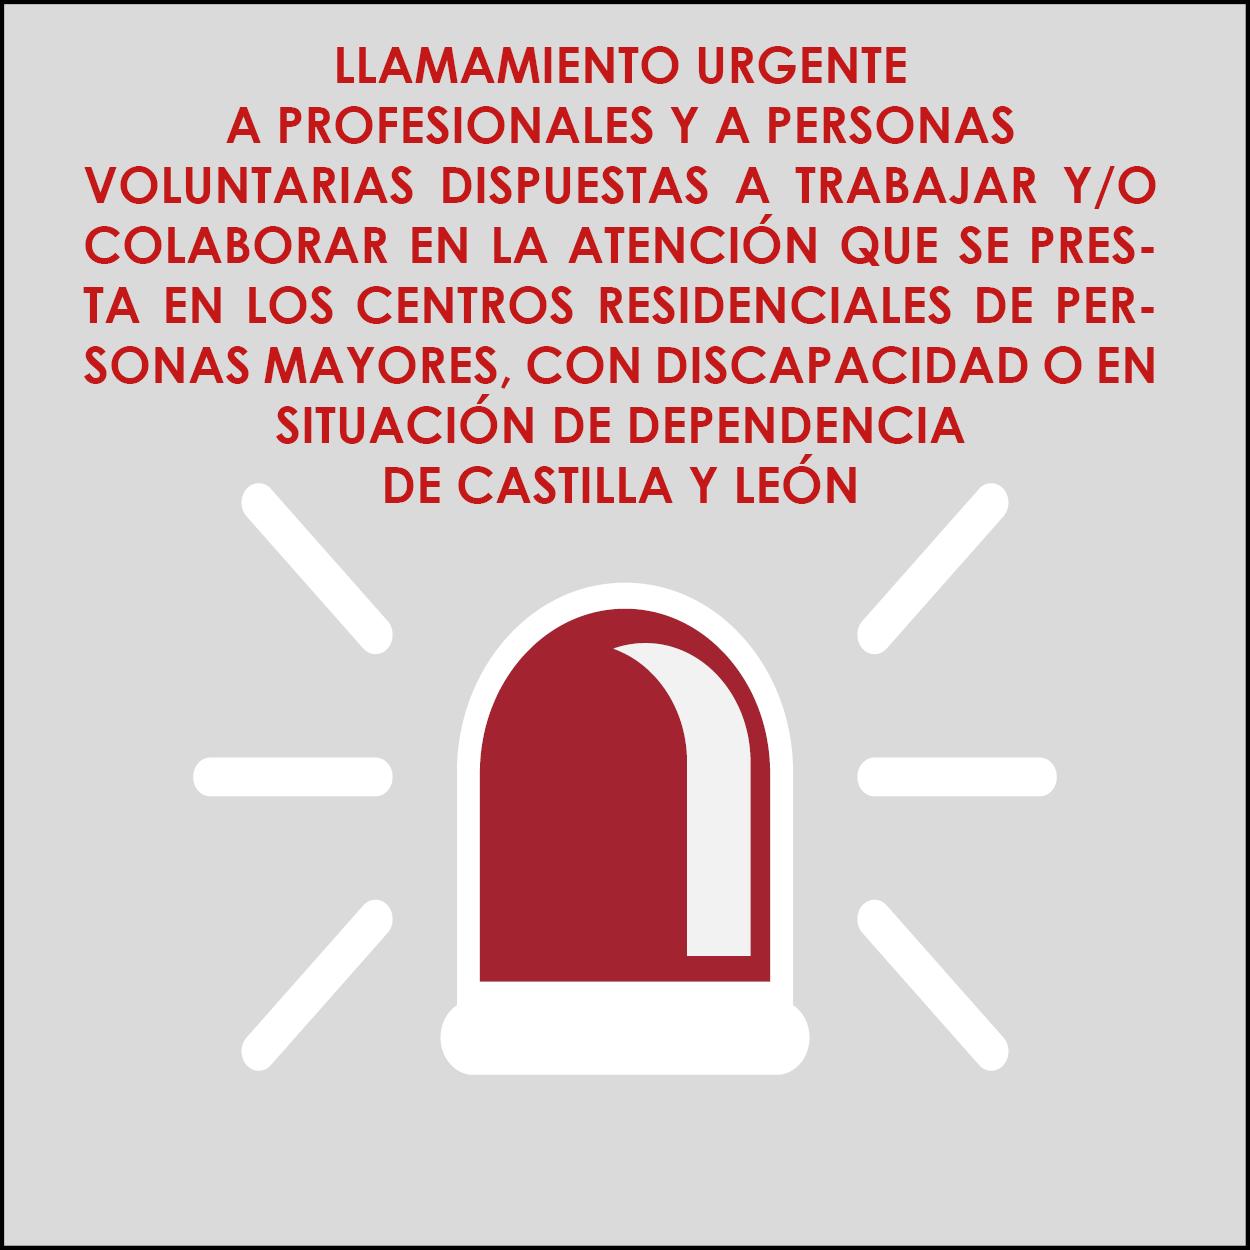 LLAMAMIENTO PROFESIONALES Y VOLUNTARIOS-MAYORES COVID 19